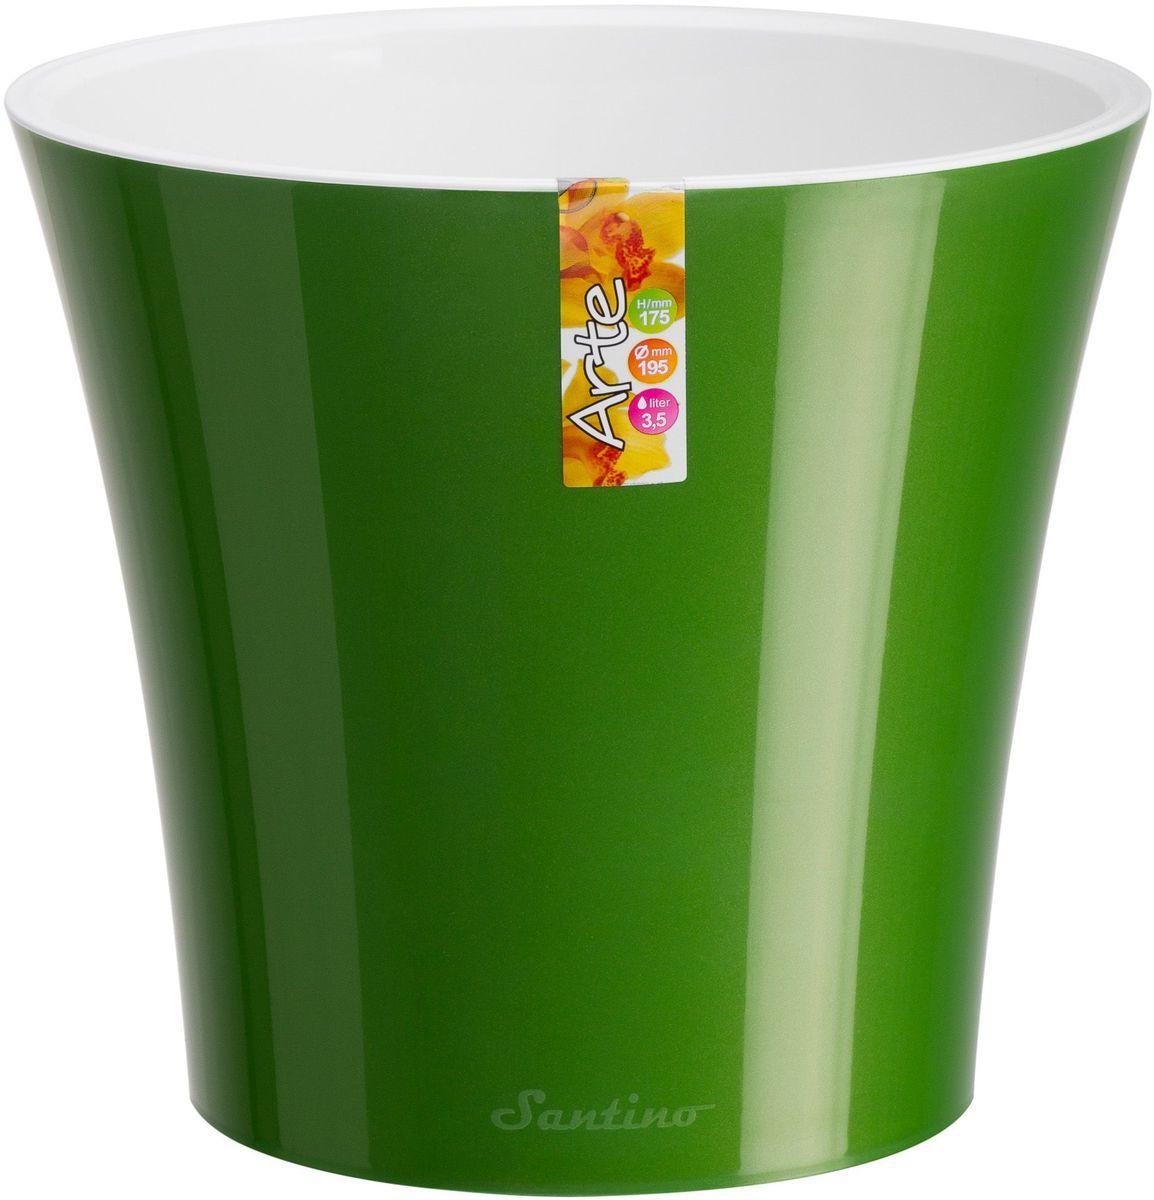 Горшок цветочный Santino Арте, двойной, с системой автополива, цвет: зеленое золото, белый, 1,2 л531-401Горшок цветочный Santino Арте снабжен дренажной системой и состоит из кашпо и вазона-вкладыша. Изготовлен из пластика. Особенность: тарелочка или блюдце не нужны. Горшок предназначен для любых растений или цветов. Цветочный дренаж – это система, которая позволяет выводить лишнюю влагу через корневую систему цветка и слой почвы. Растение – это живой организм, следовательно, ему необходимо дышать. В доступе к кислороду нуждаются все части растения: -листья; -корневая система. Если цветовод по какой-либо причине зальет цветок водой, то она буквально вытеснит из почвенного слоя все пузырьки кислорода. Анаэробная среда способствует развитию различного рода бактерий. Безвоздушная среда приводит к загниванию корневой системы, цветок в результате увядает. Суть работы дренажной системы заключается в том, чтобы осуществлять отвод лишней влаги от растения и давать возможность корневой системе дышать без проблем. Следовательно, каждому цветку необходимо: -иметь в основании цветочного горшочка хотя бы одно небольшое дренажное отверстие. Оно необходимо для того, чтобы через него выходила лишняя вода, плюс ко всему это отверстие дает возможность циркулировать воздух. -на самом дне горшка необходимо выложить слоем в 2-5 см (зависит от вида растения) дренаж.УВАЖАЕМЫЕ КЛИЕНТЫ!Обращаем ваше внимание на тот факт, что фото изделия служит для визуального восприятия товара. Литраж и размеры, представленные на этикетке товара, могут по факту отличаться от реальных. Корректные данные в поле Размеры.